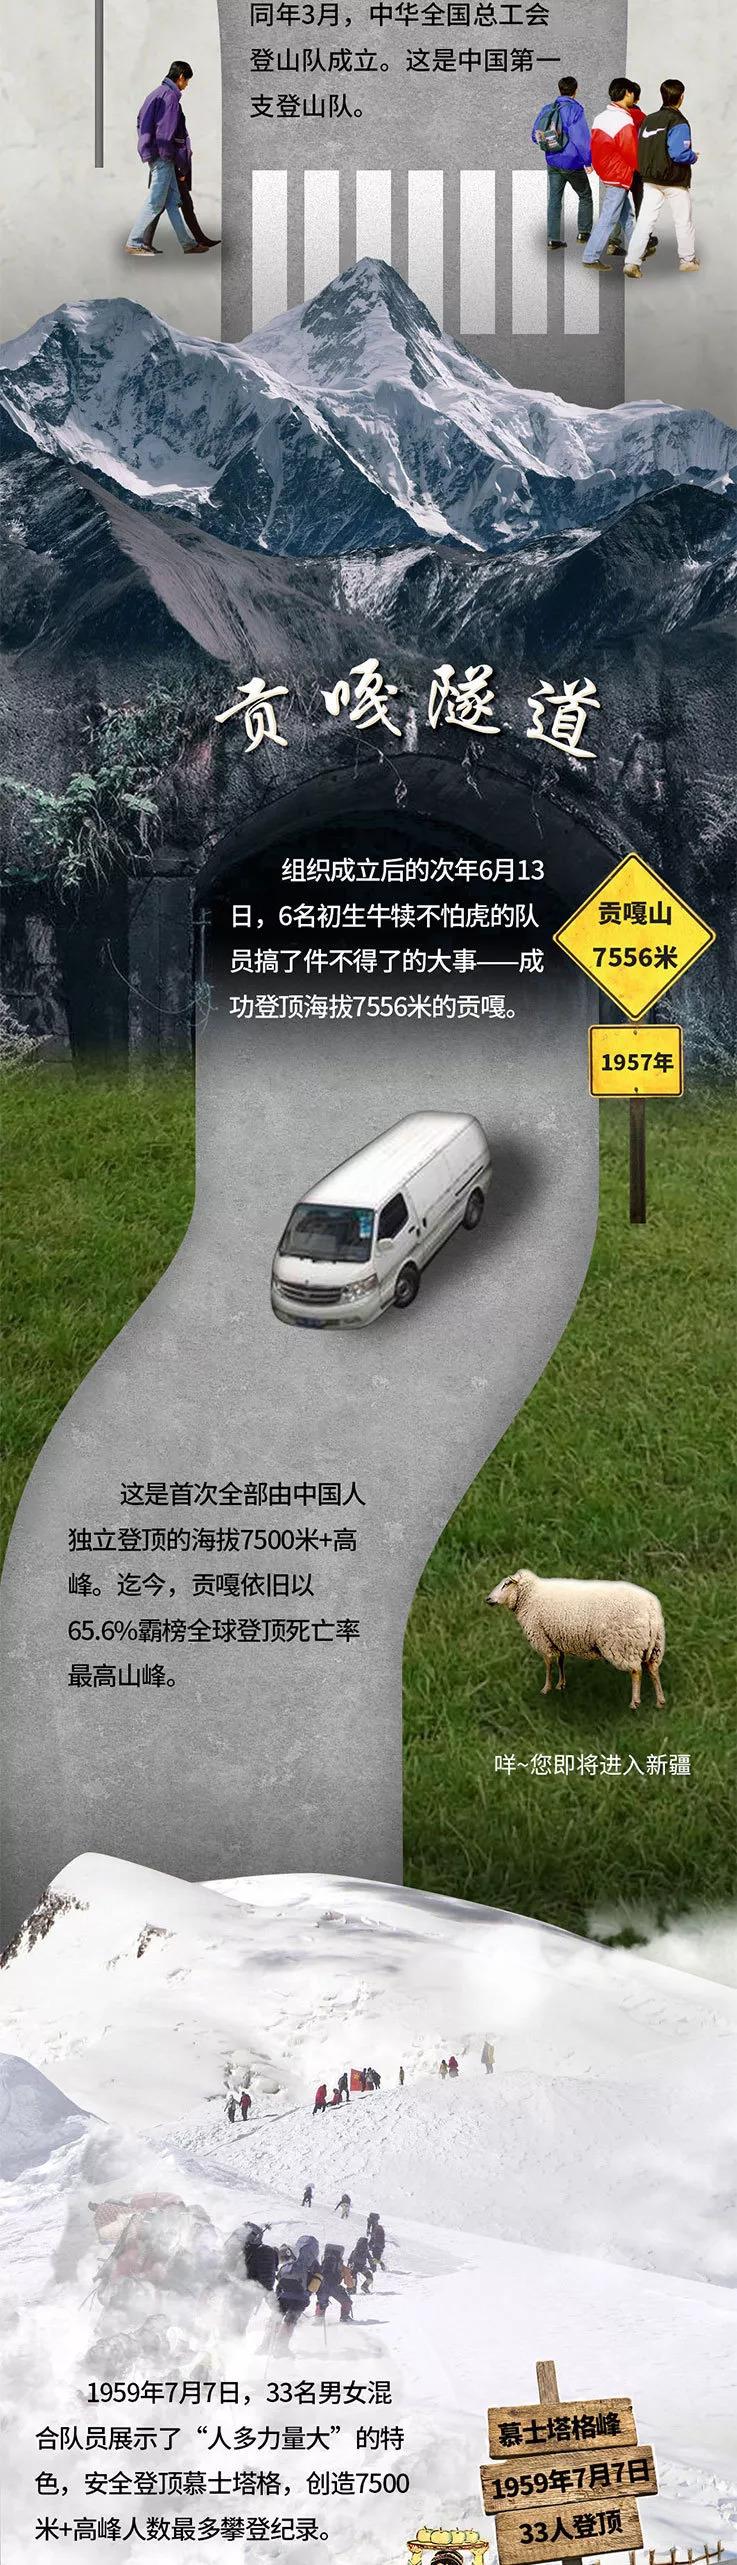 永利娱乐官方网址 2